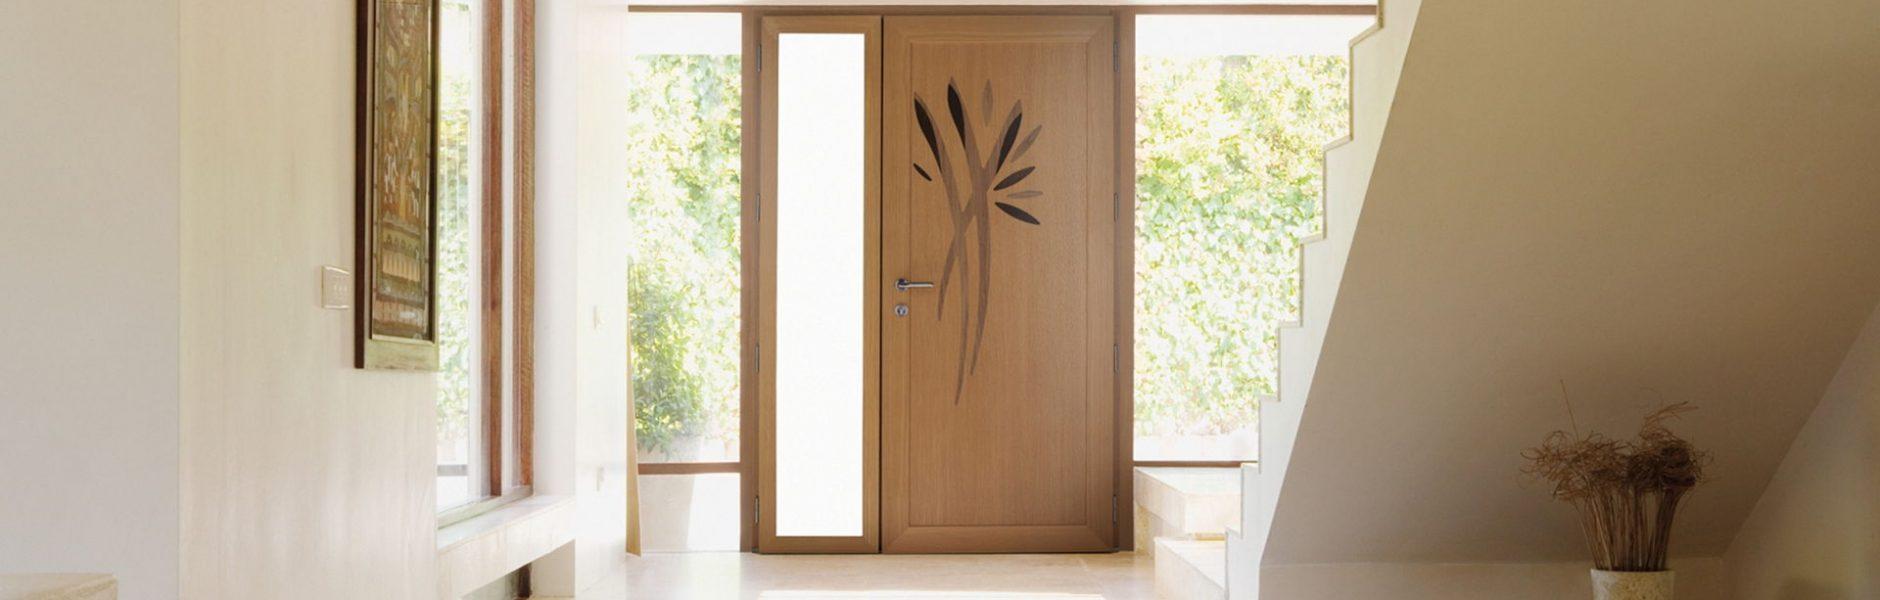 Portes d'entrée PVC imitation bois design